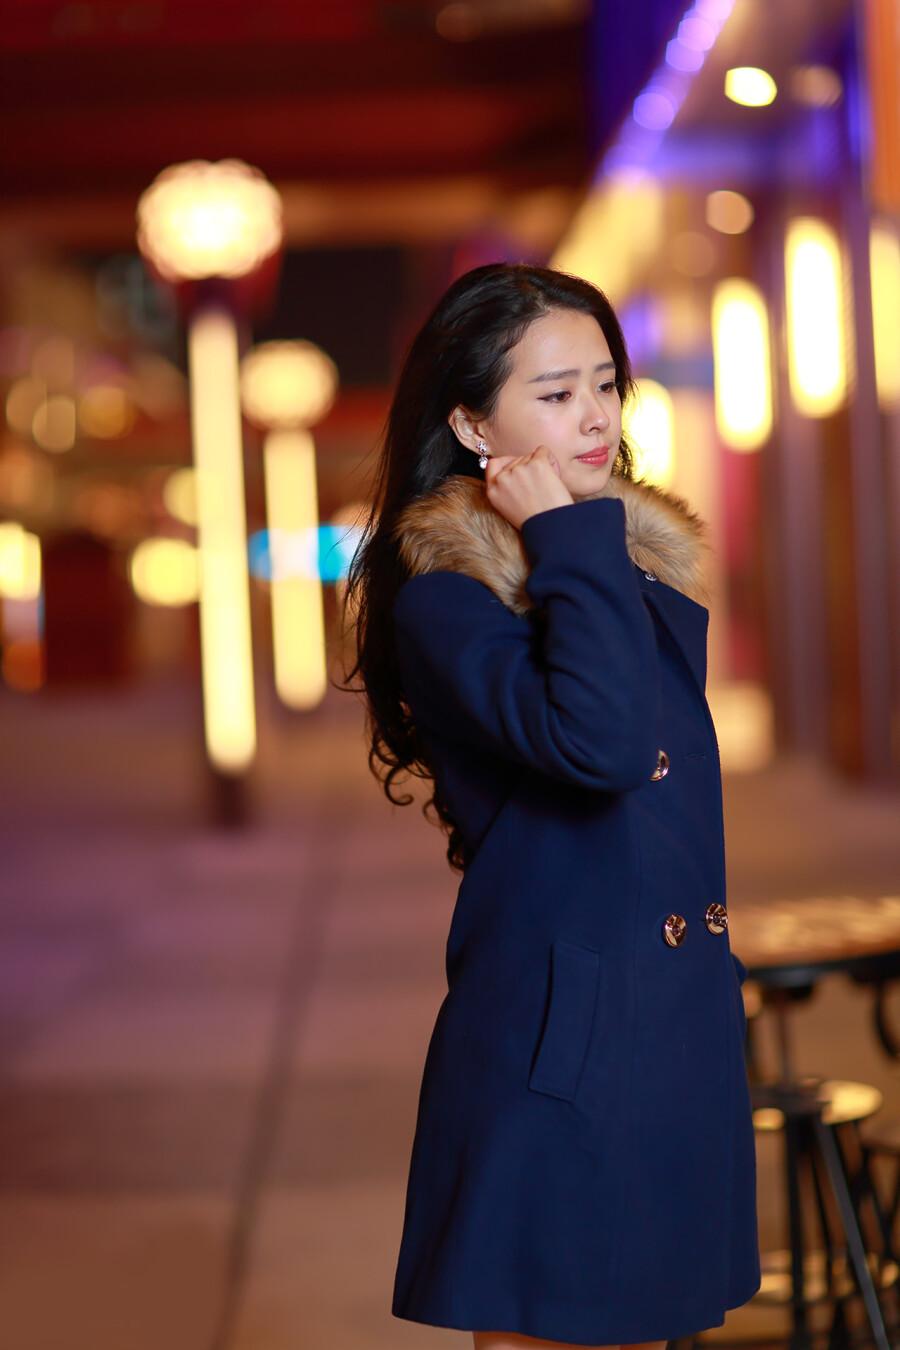 【现代时尚素材篇】都市夜归人 - 浪漫人生 - .